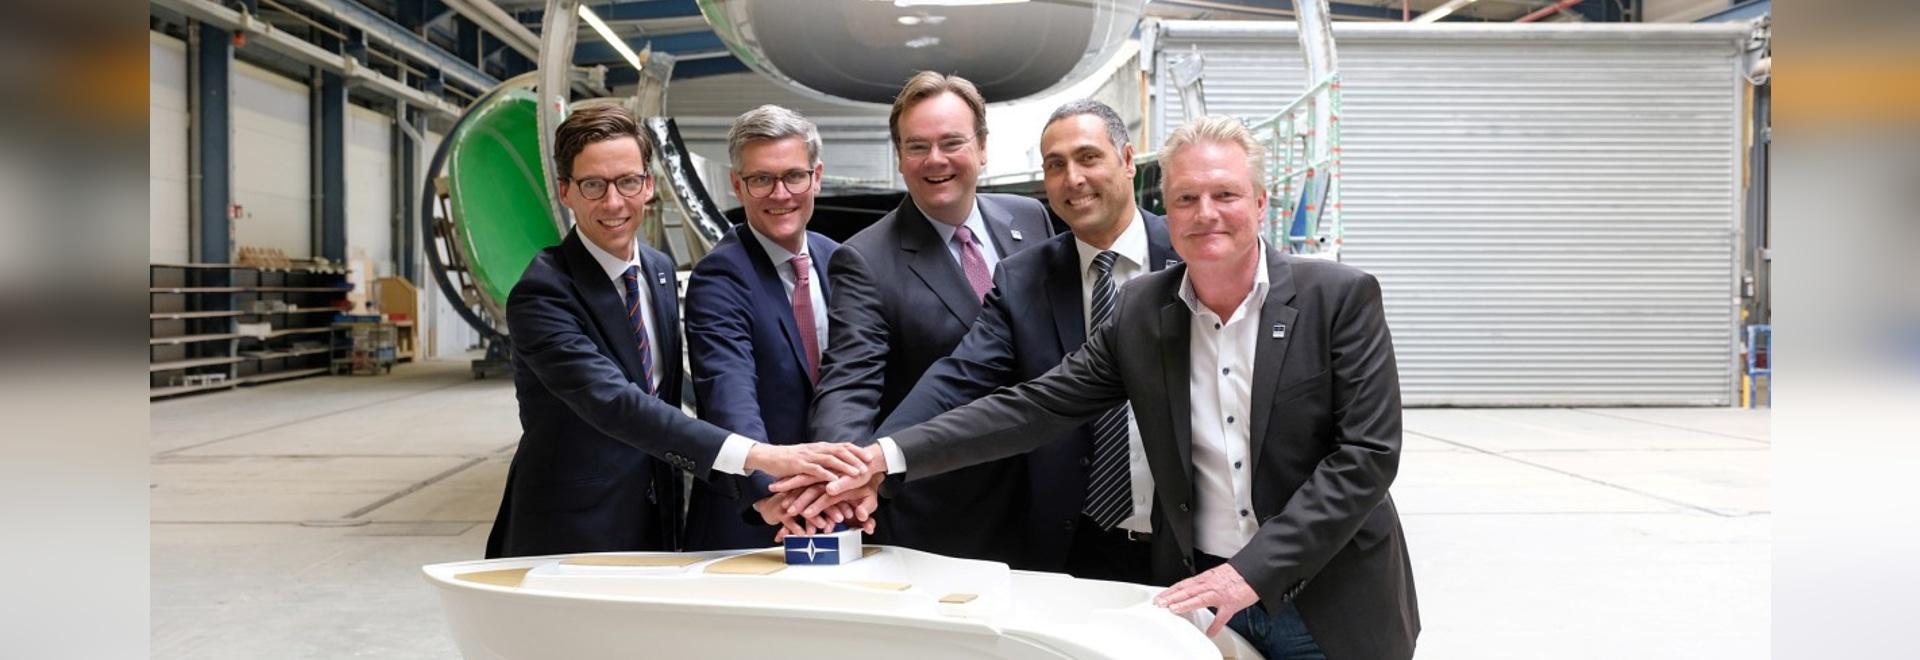 """Frais de la faillite, yachts de la Bavière veut """"regagner la confiance perdue"""""""